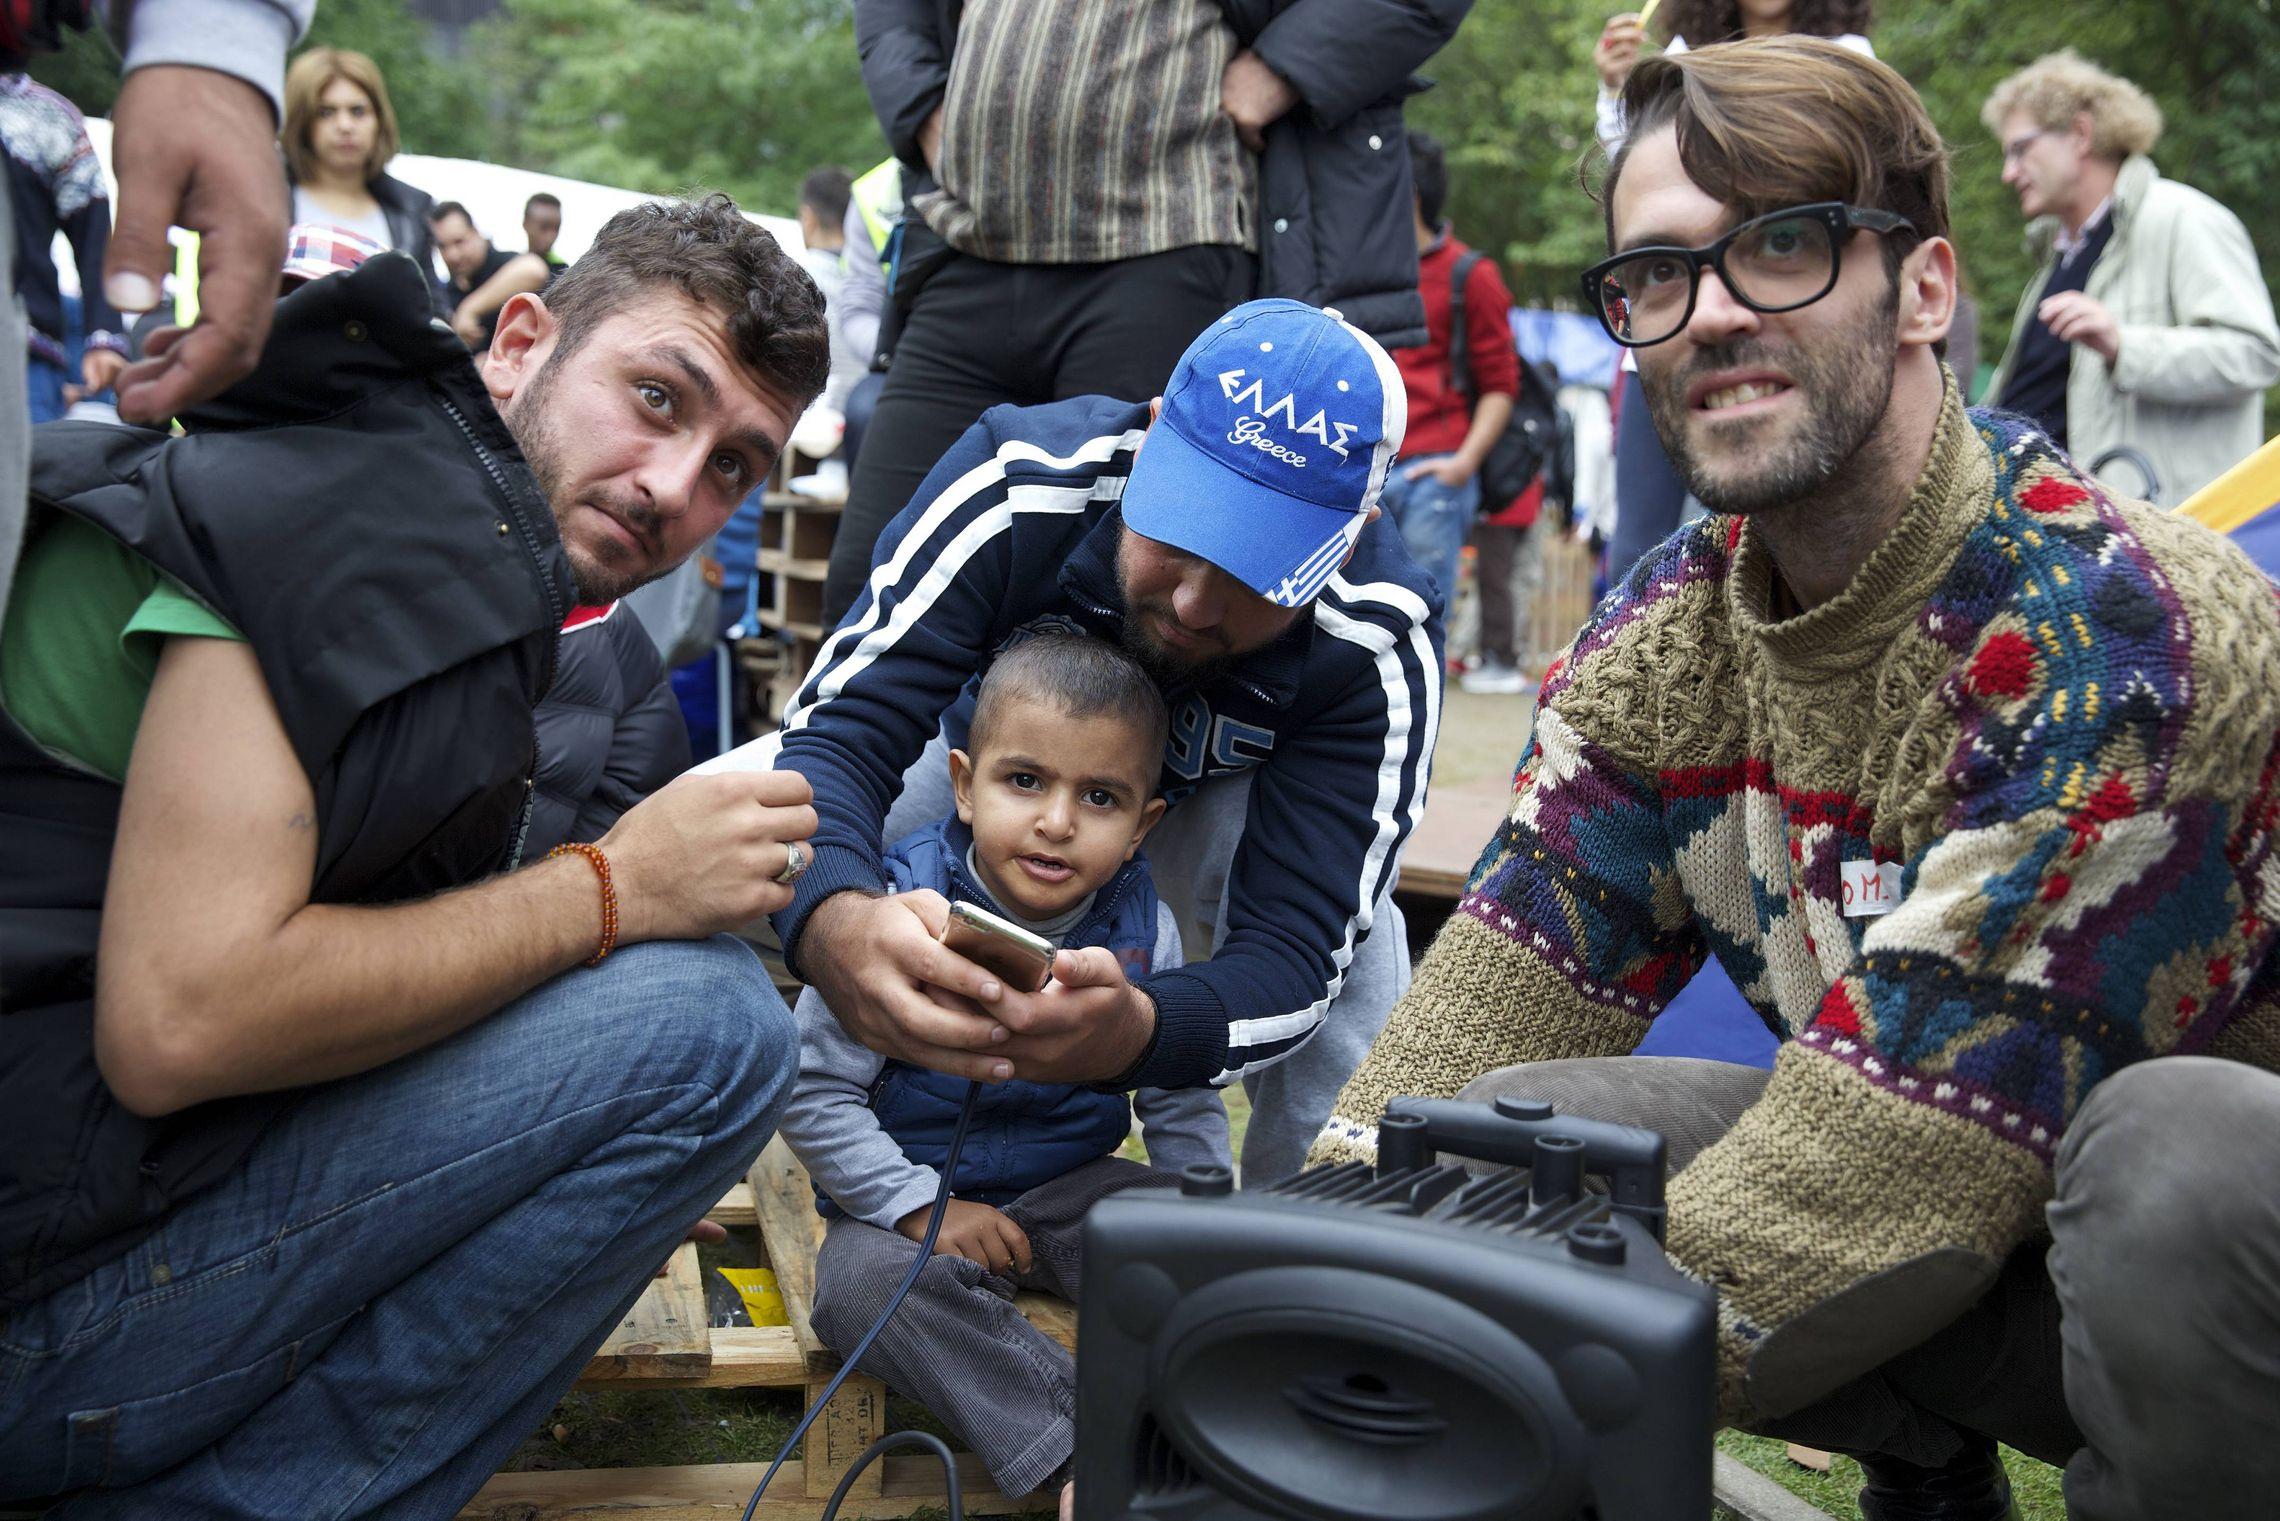 De Gezinsbond wijst er op dat kinderen van asielzoekers het sowieso al erg moeilijk hebben om hier een toekomst uit te bouwen. (foto belga)